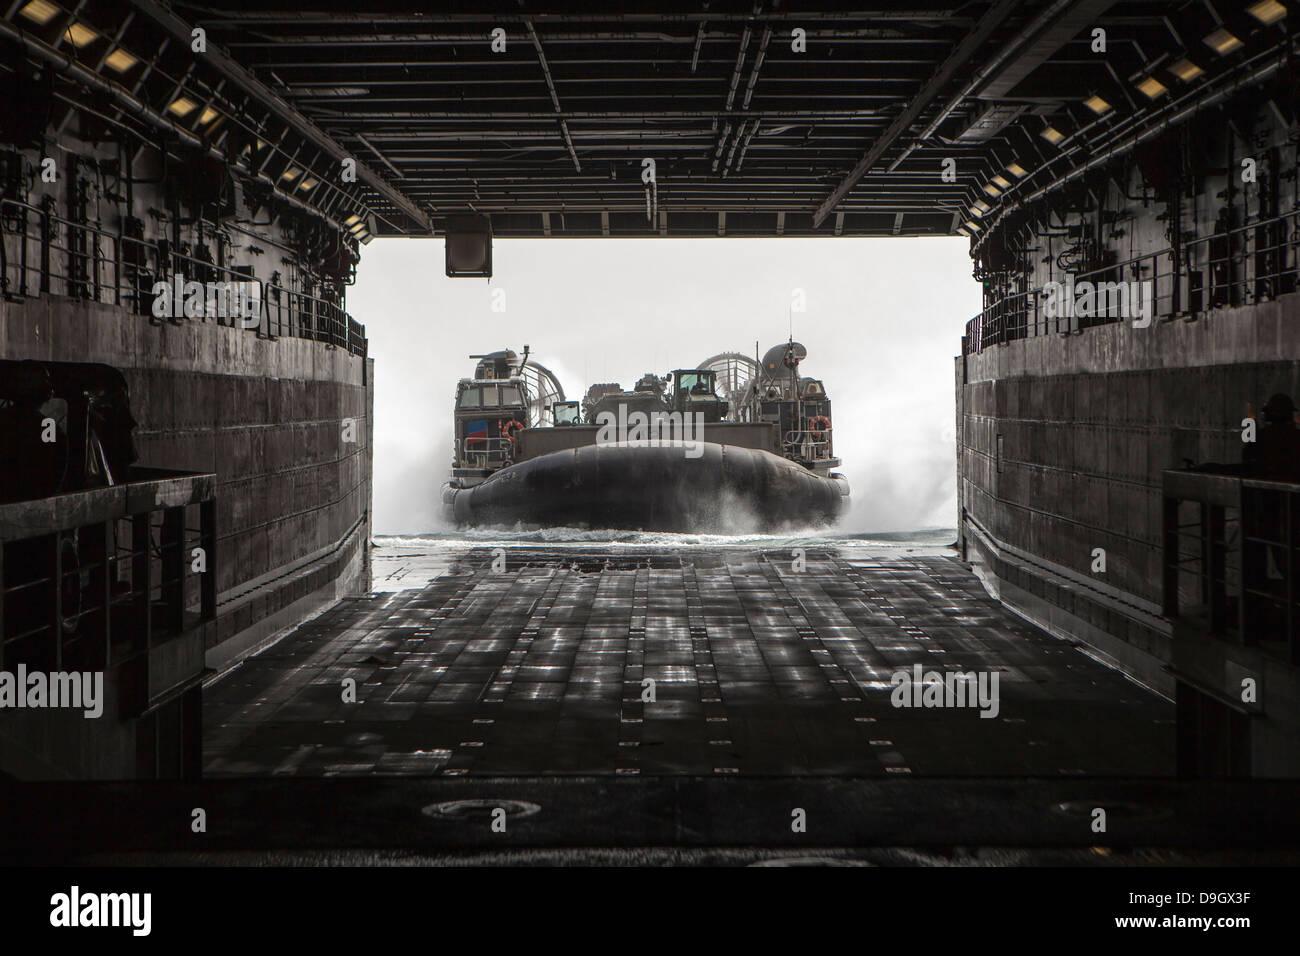 Marzo 9, 2013 - La Marina de EE.UU. Desembarco de cojín de aire entra en la cubierta del USS Green Bay (LPD 20) en el Mar Arábigo. Foto de stock